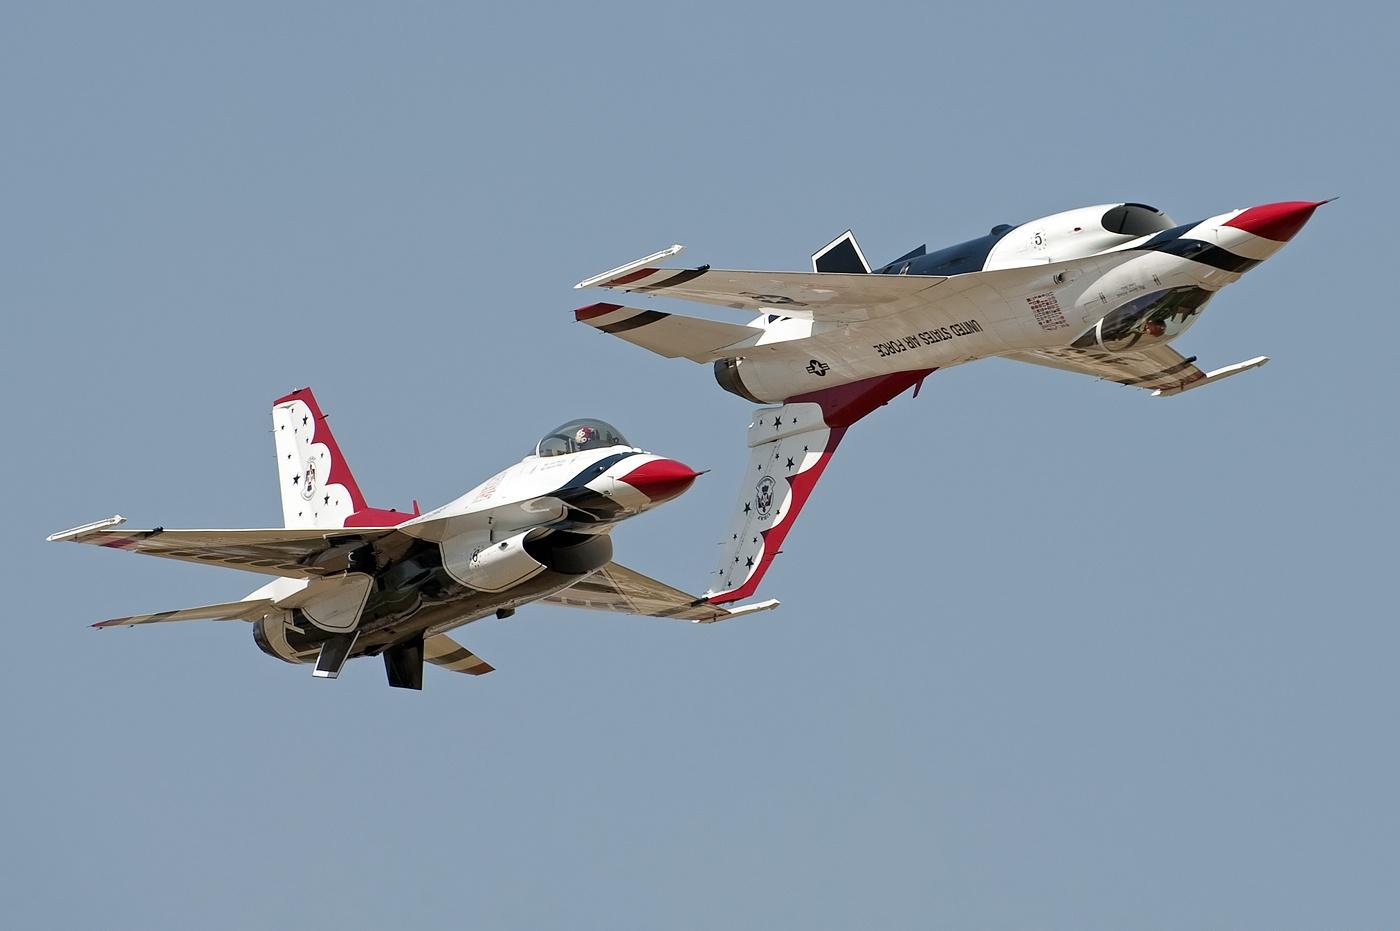 F 16 Fighting Falcon Wallpaper